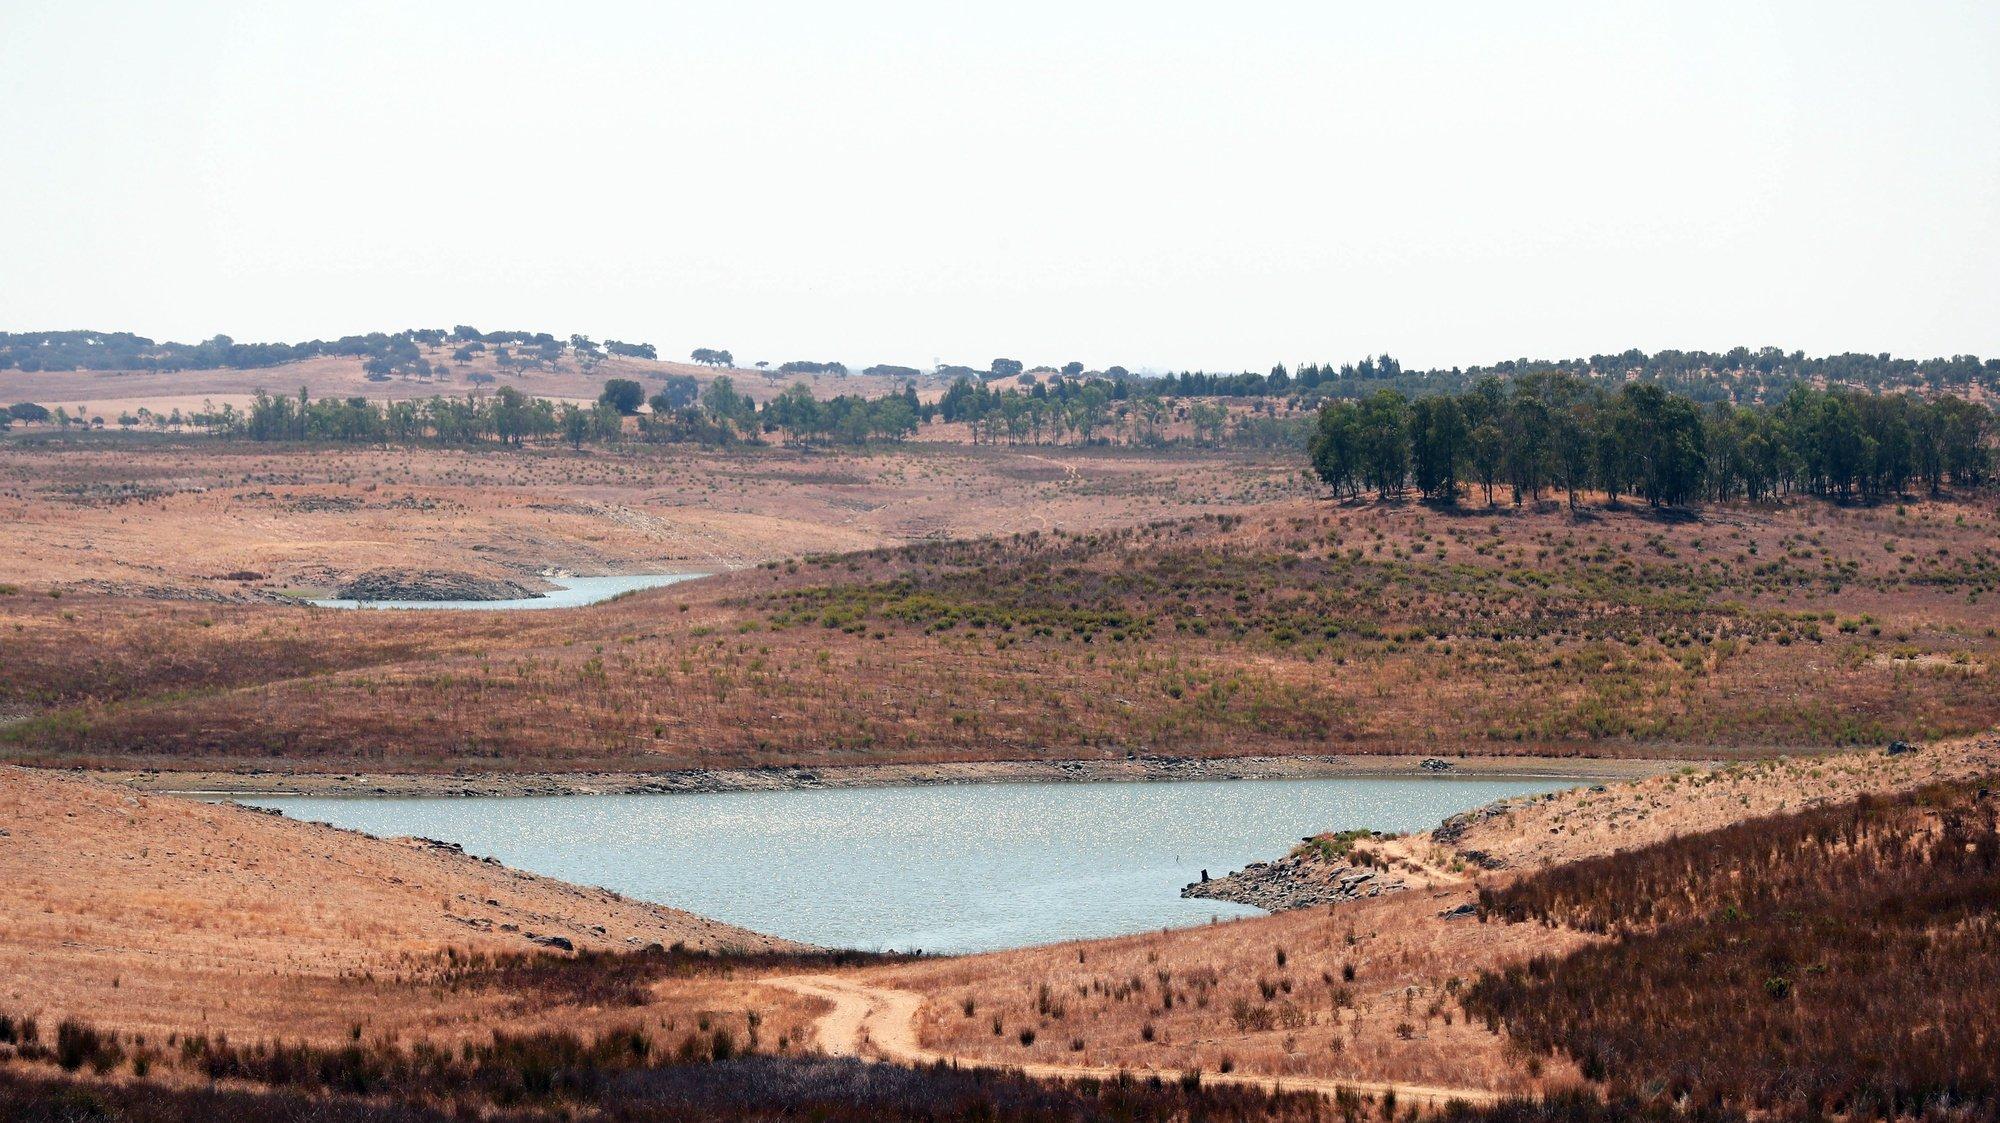 Albufeira da Barragem do Monte da Rocha, que armazena atualmente cerca de 9% da sua capacidade total, Ourique, 8 de setembro de 2020. Os agricultores desta região confessam-se desanimados com a situação de seca que se arrasta. A campanha de rega deste ano a partir da albufeira do Monte da Rocha foi cancelada devido à seca, o que afetou três mil hectares, segundo a Associação de Regantes e Beneficiários de Campilhas e Alto Sado (ARBCAS). (ACOMPANHA TEXTO DE 10/09/2020) NUNO VEIGA/LUSA